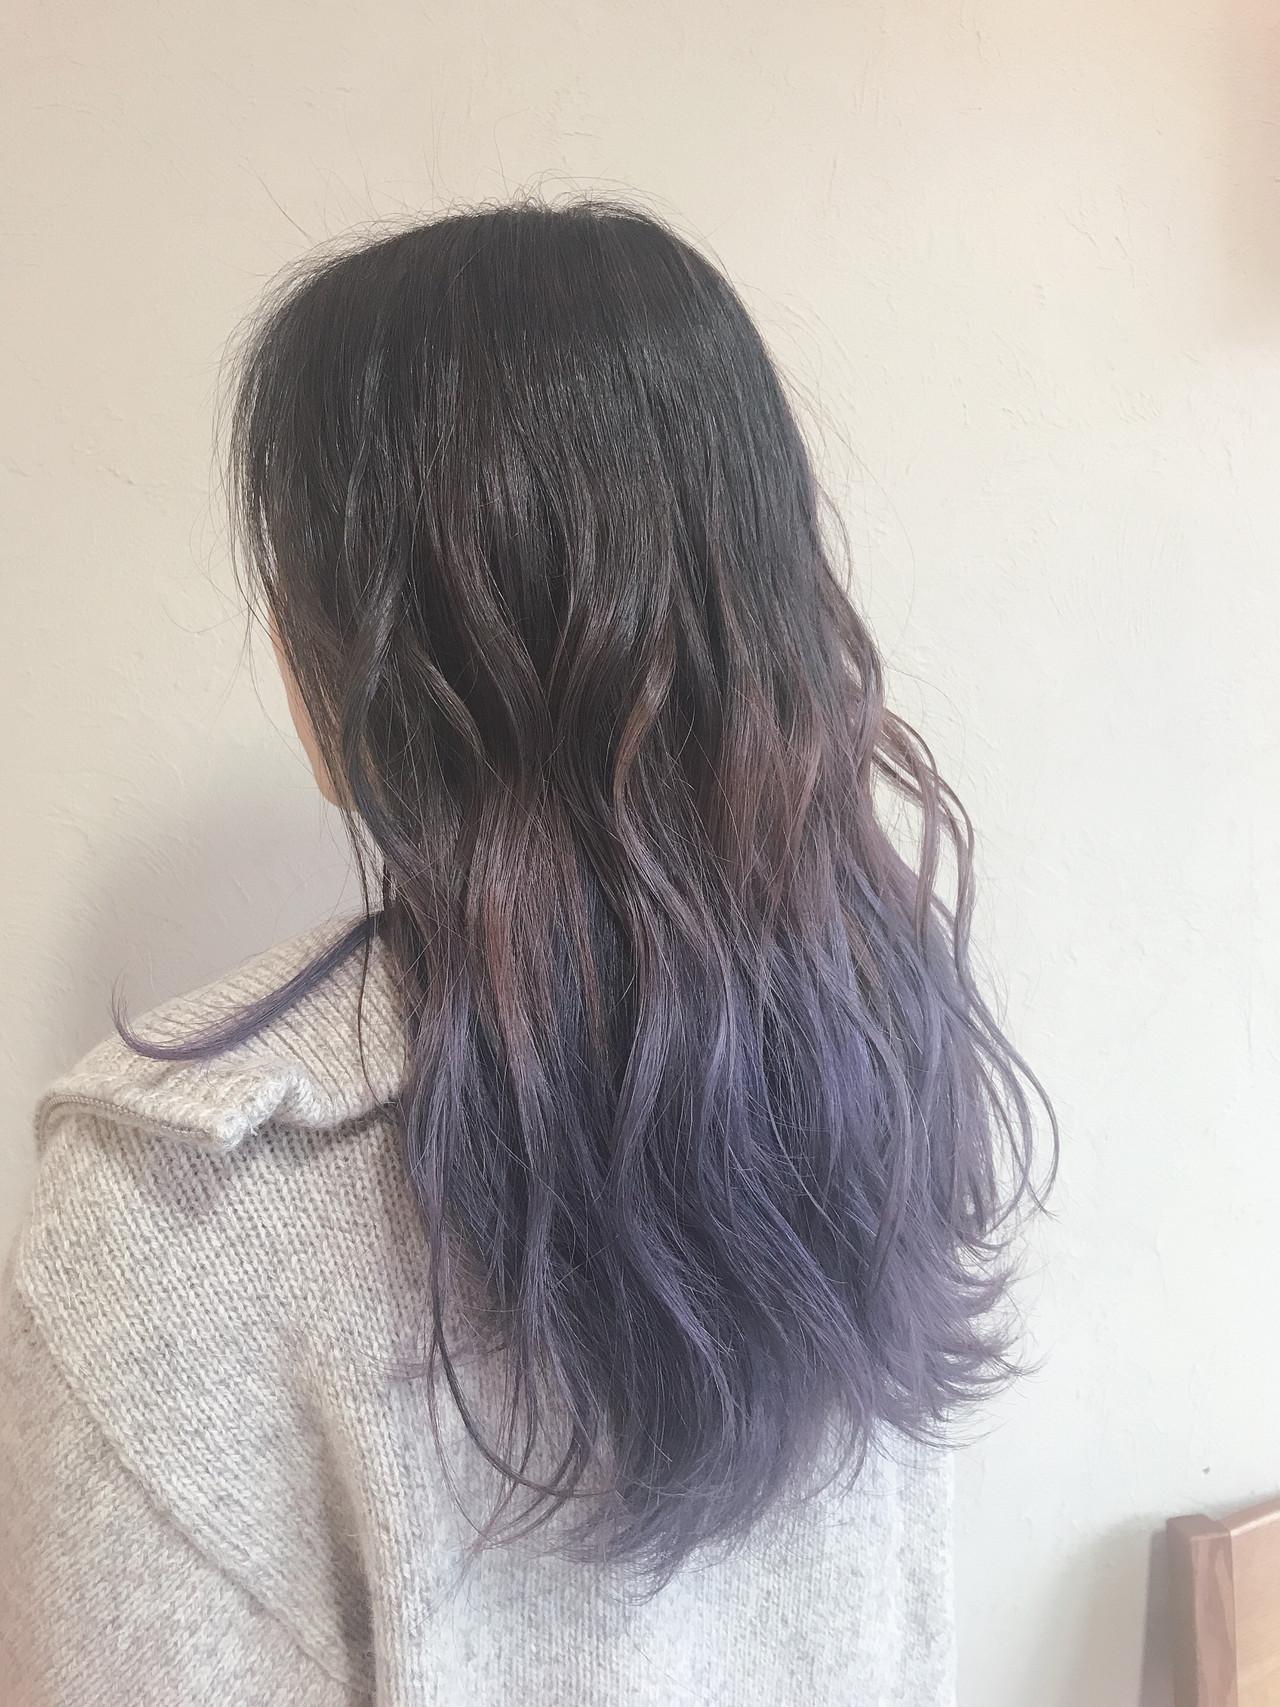 アッシュバイオレット ガーリー ブルーバイオレット グラデーションカラー ヘアスタイルや髪型の写真・画像